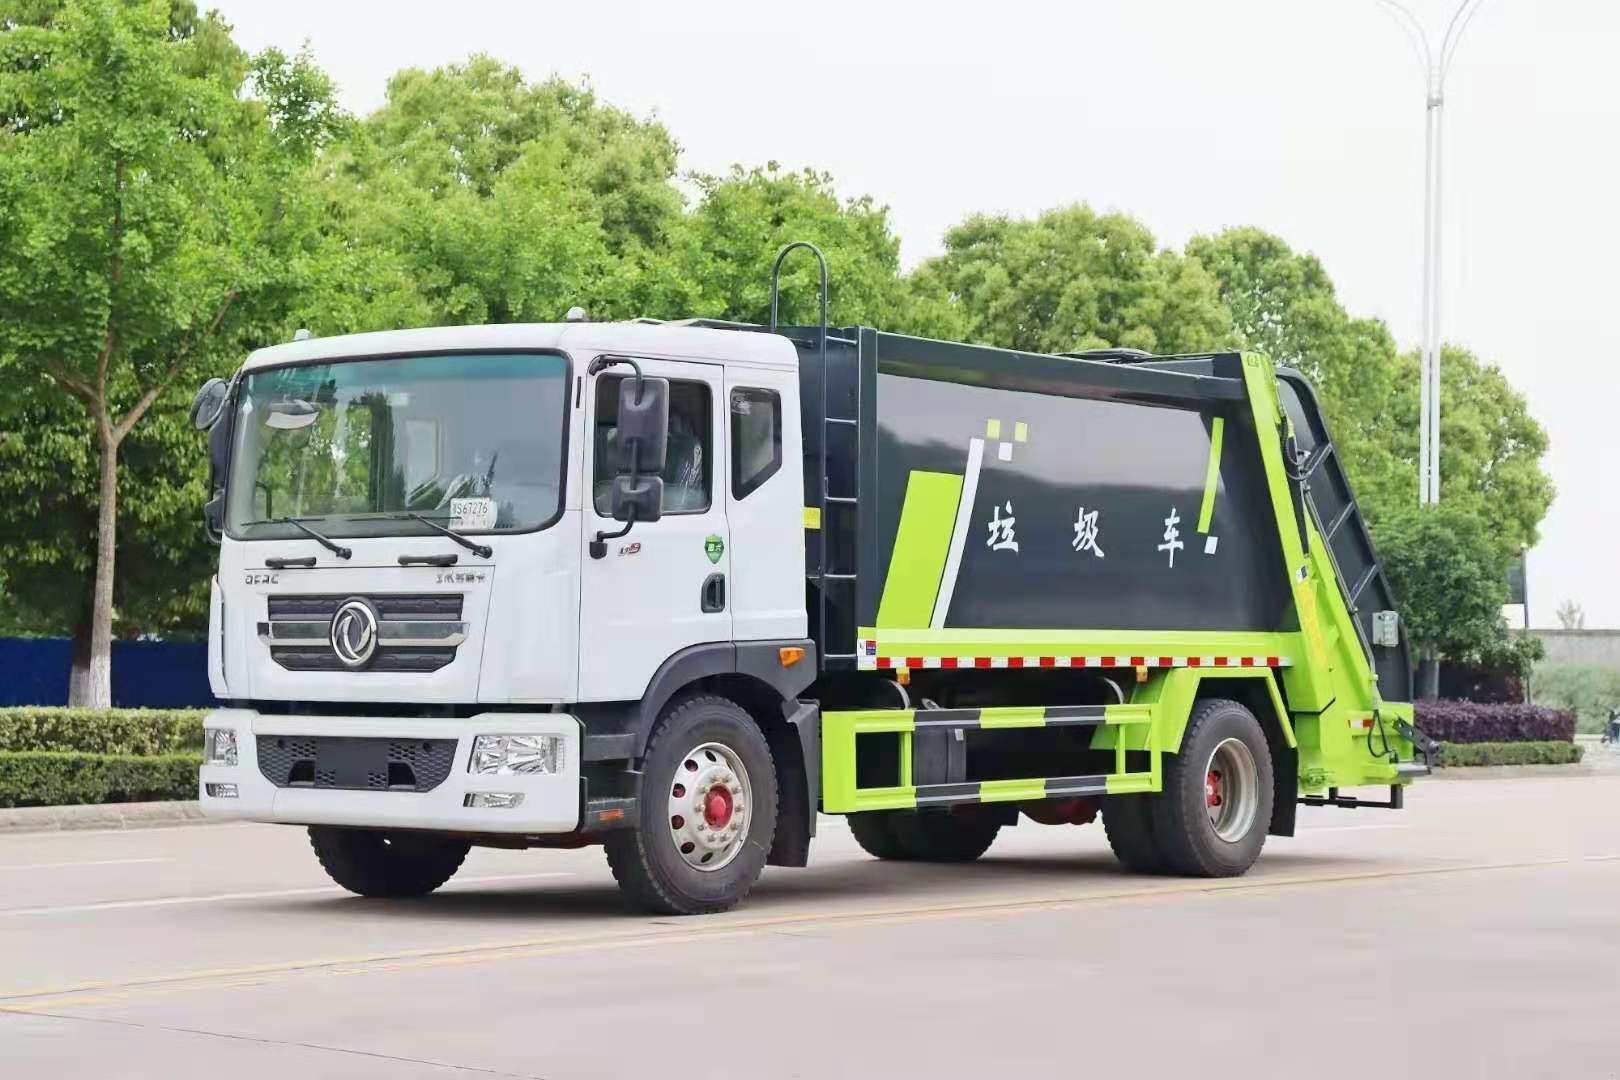 压缩垃圾车组成部分图片和压缩车价格后置挂桶选装配置